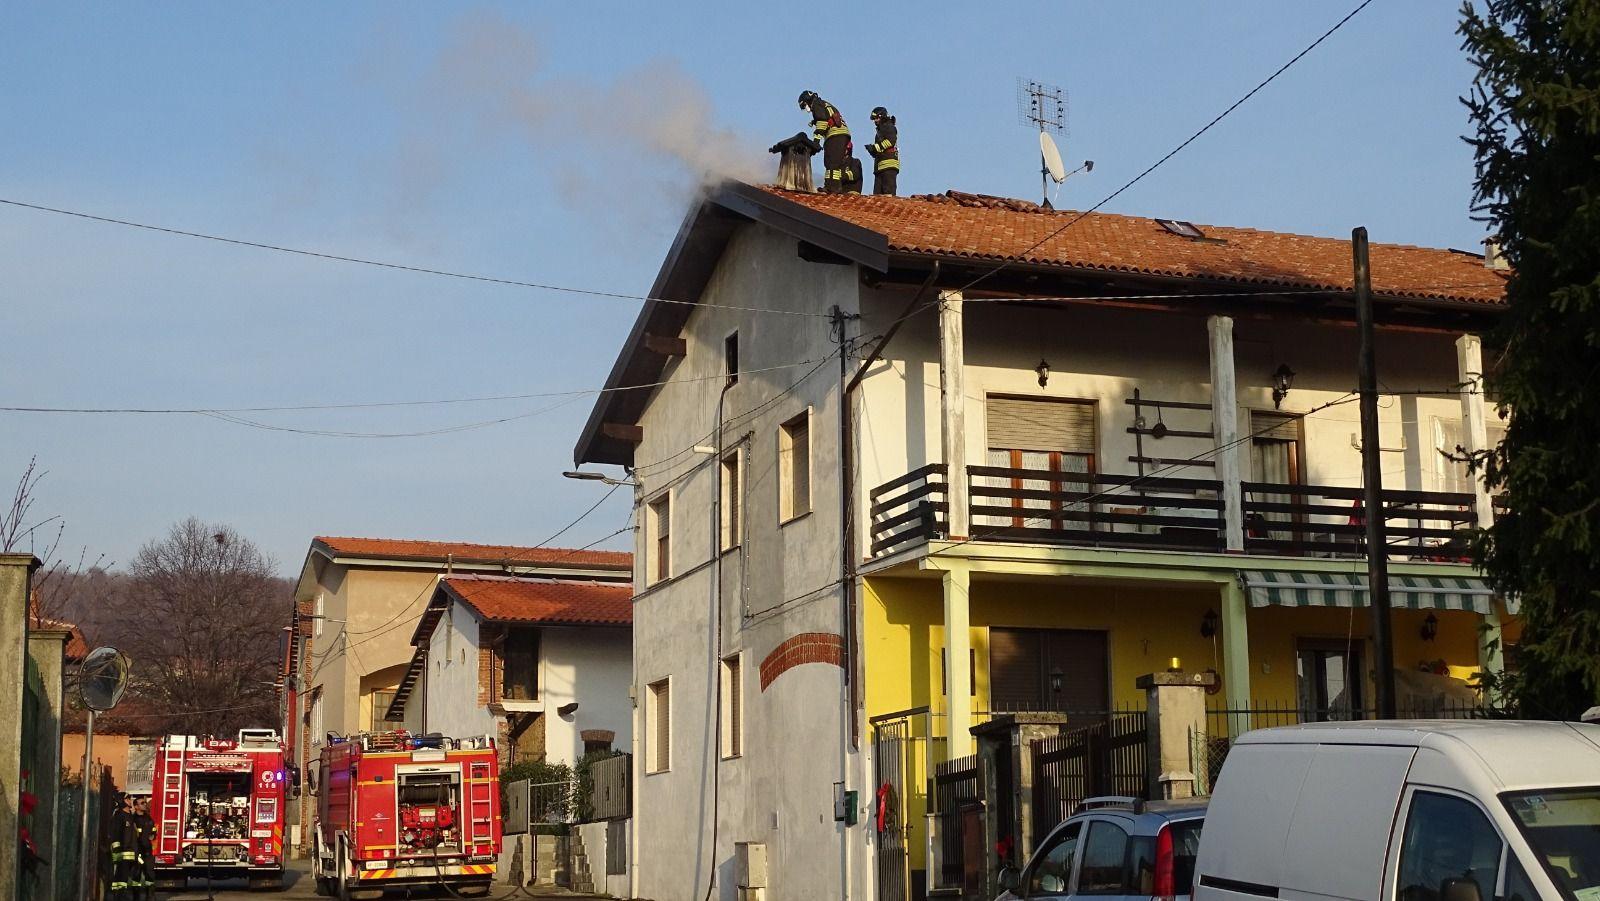 MONTALENGHE - Va a fuoco un camino: vigili del fuoco al lavoro